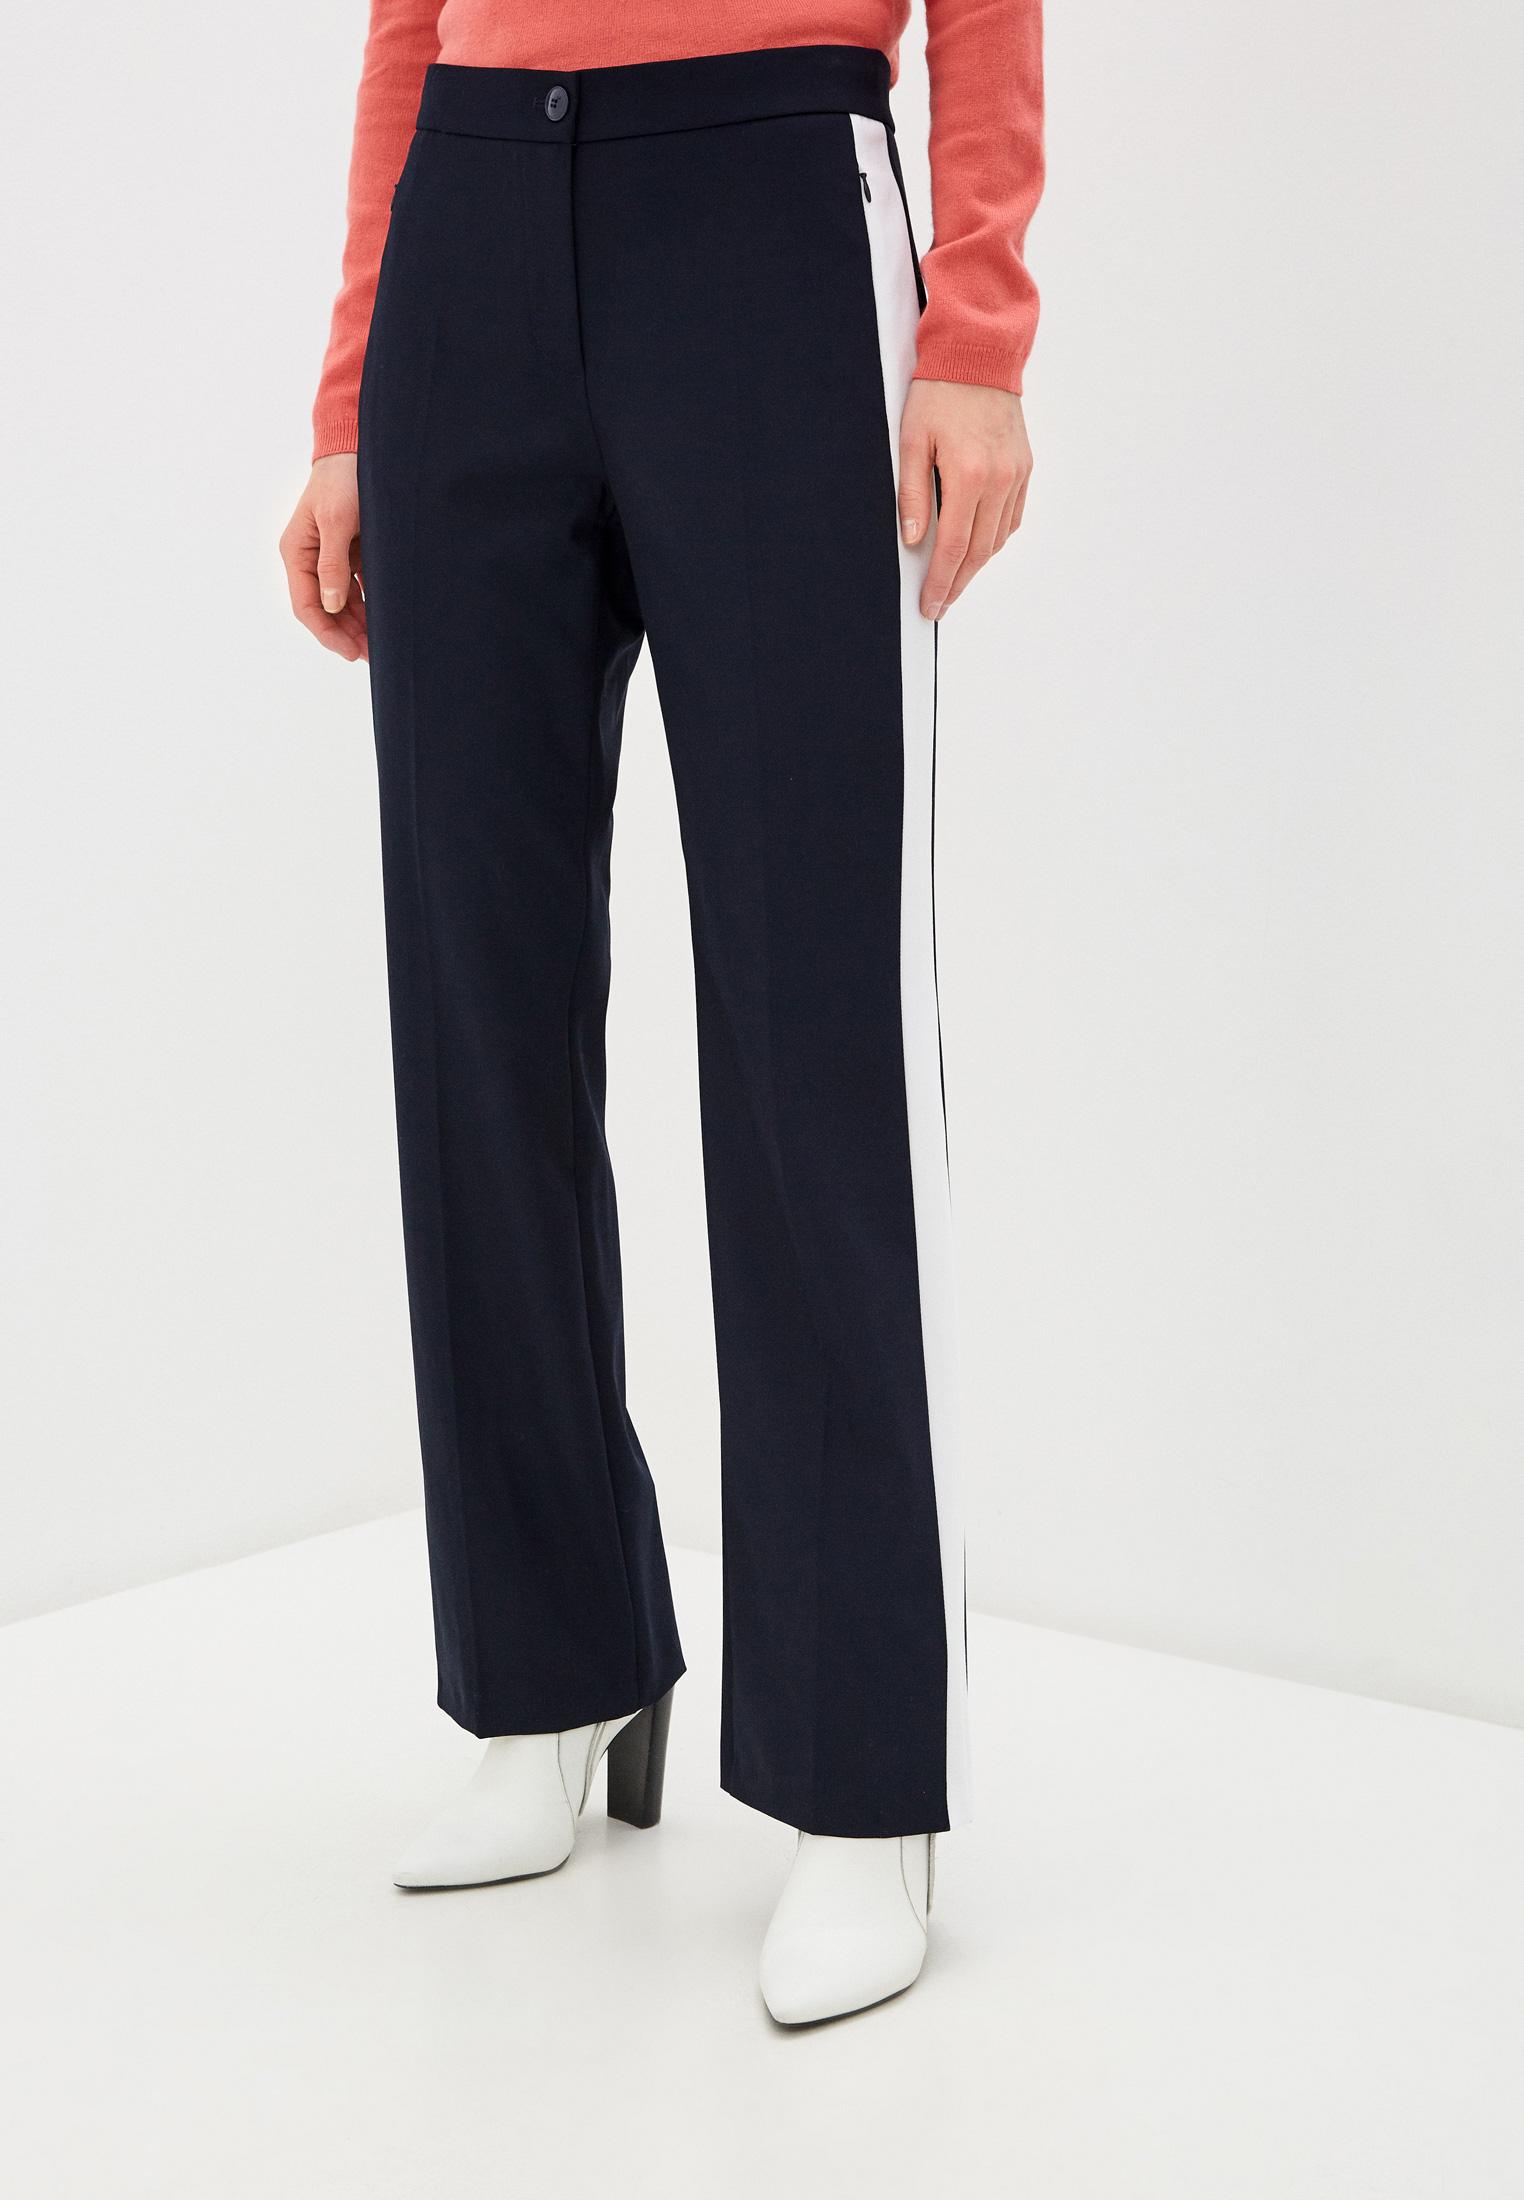 Женские прямые брюки Gerry Weber (Гарри Вебер) 320020-38145